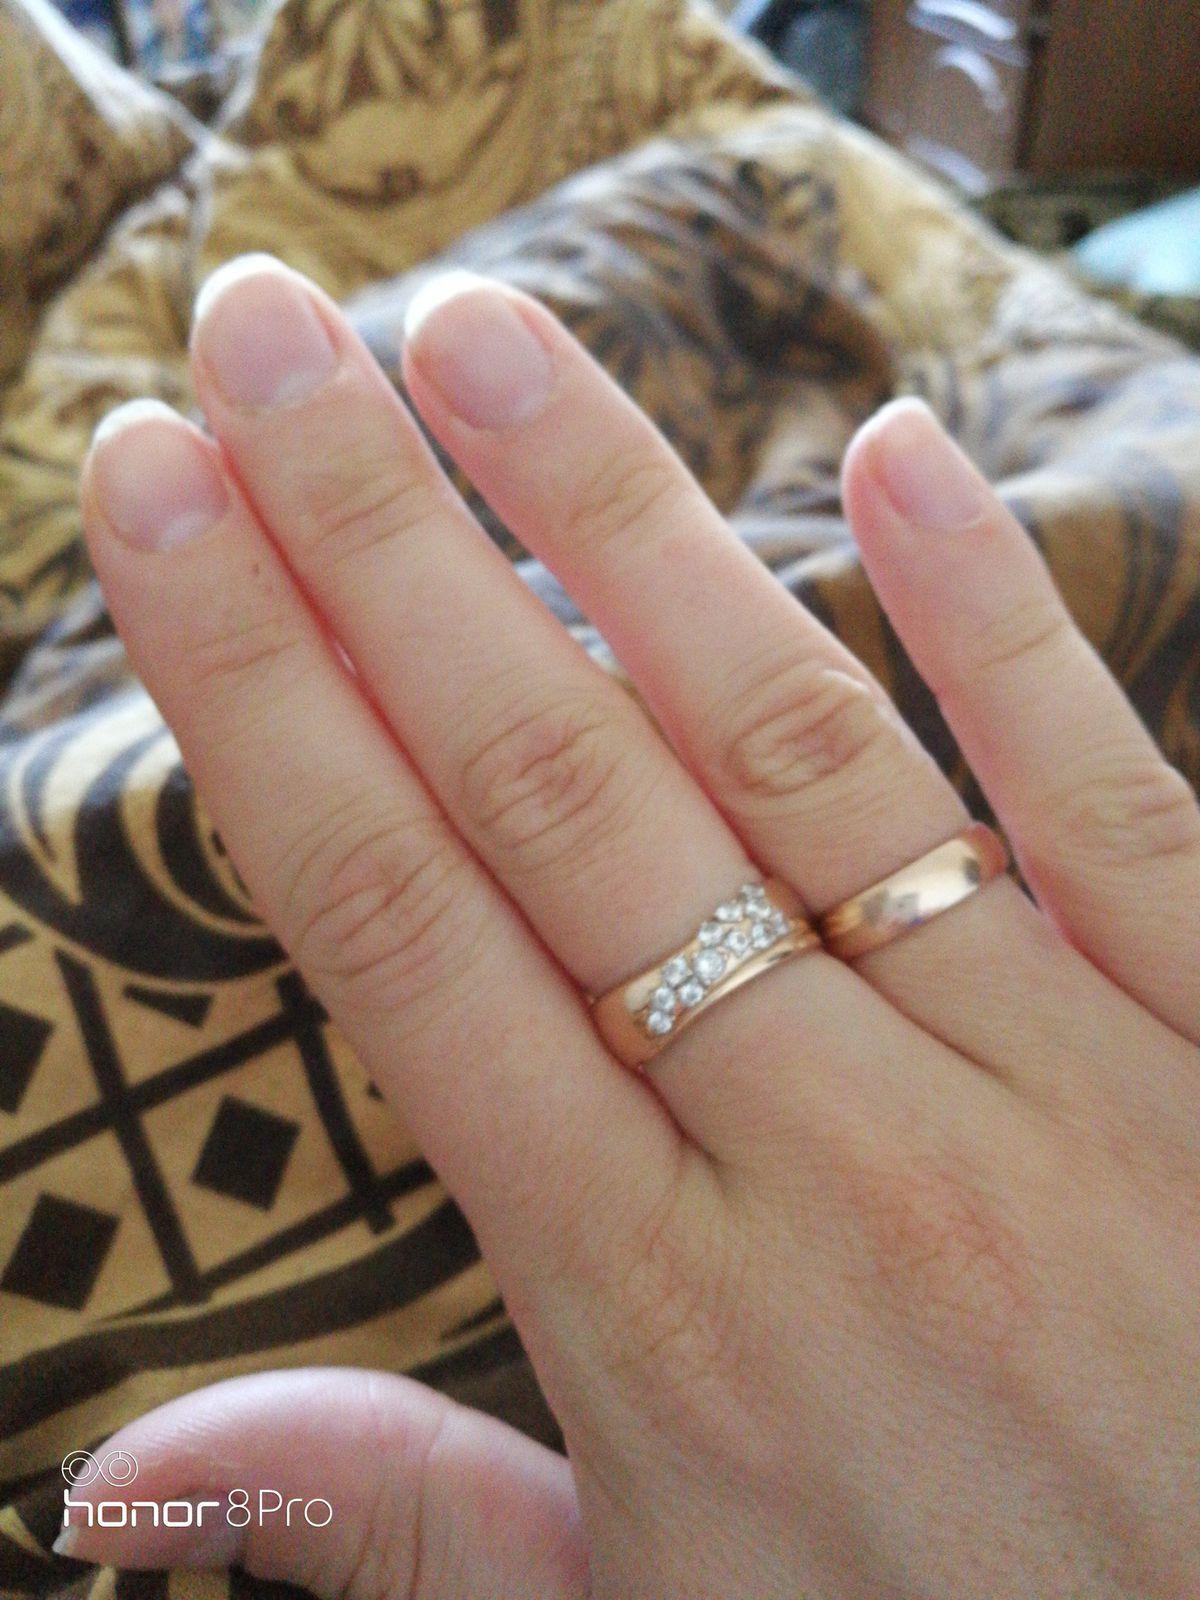 Это превосходное кольцо, оно безумно красивое и необыкновенное,подарок мужа